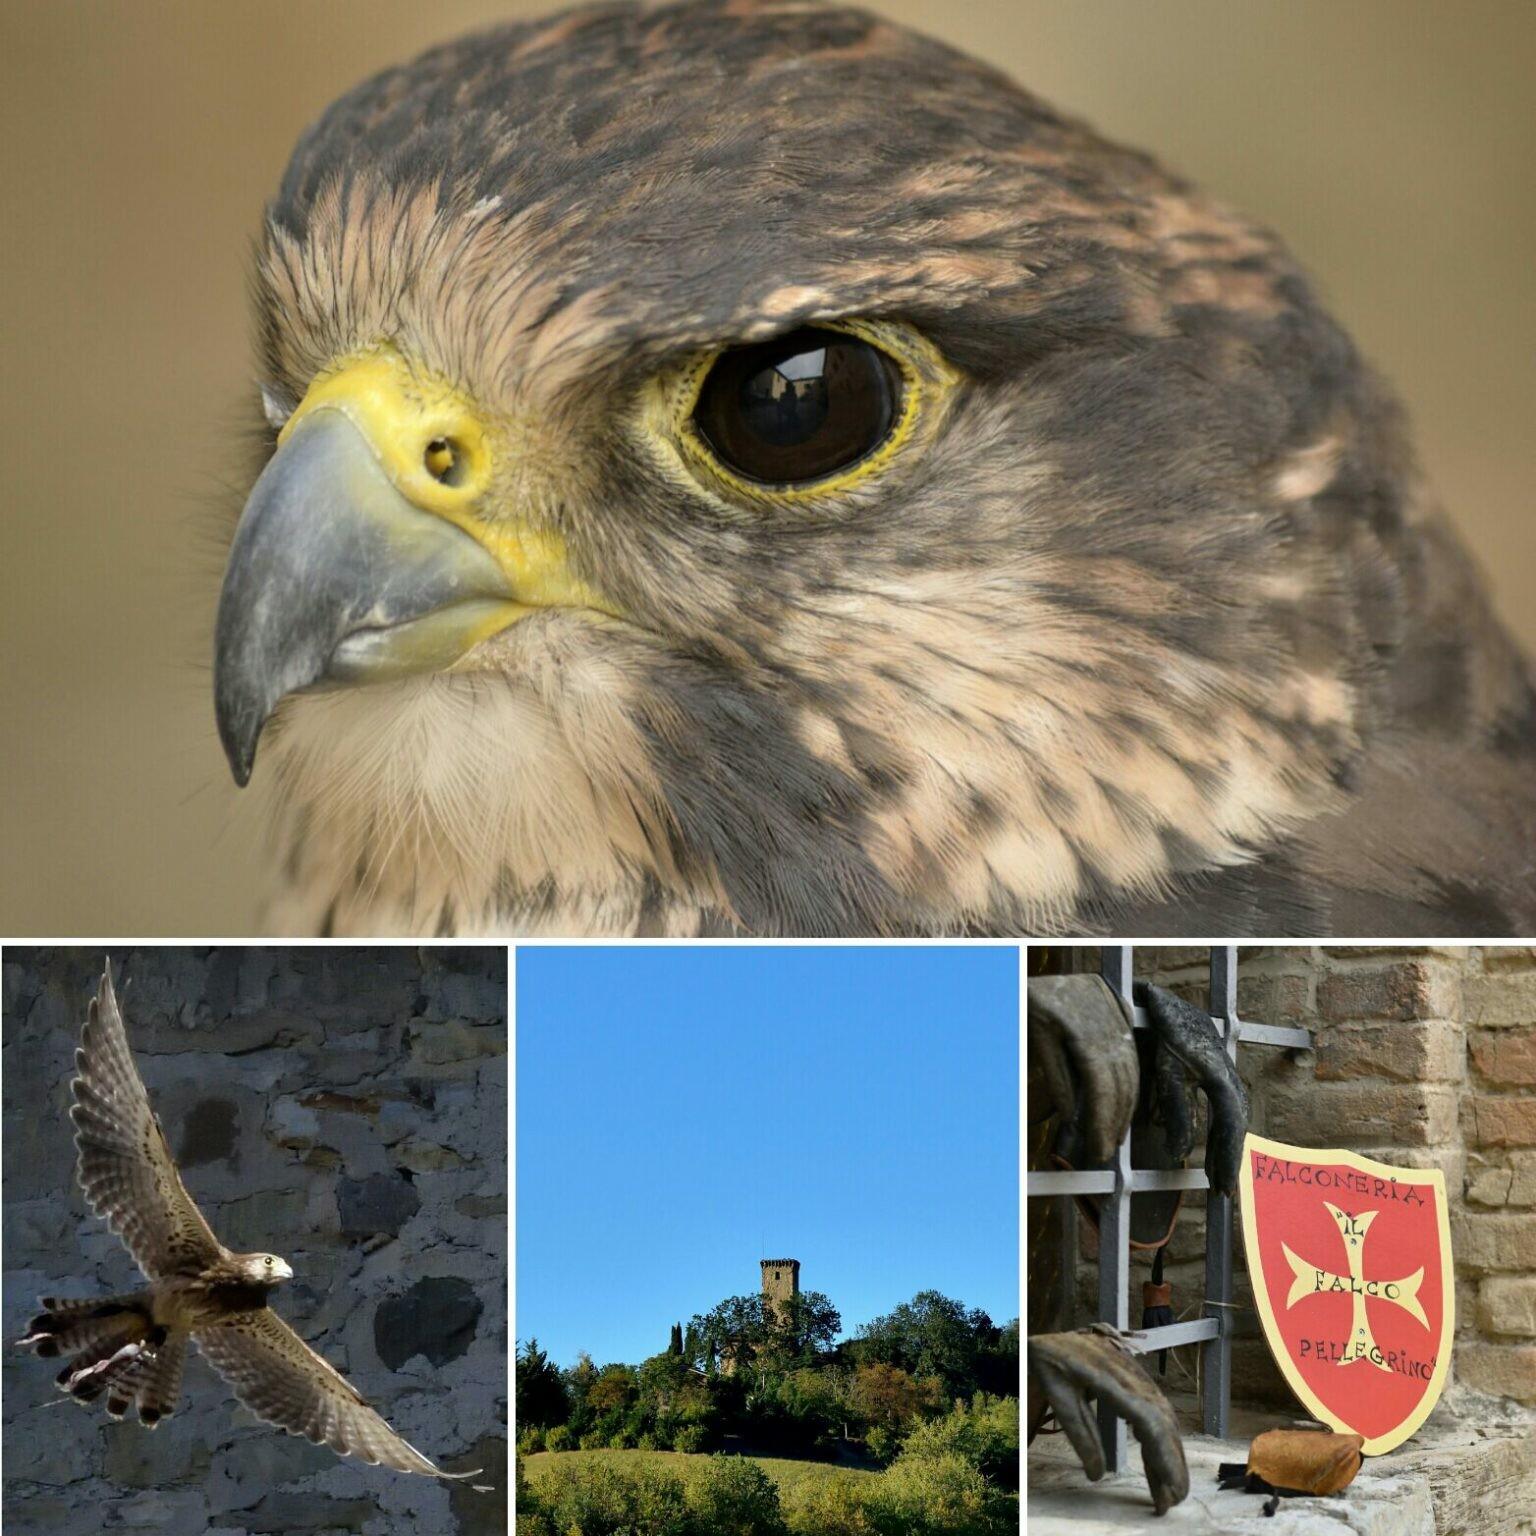 VOLA IL MEDIOEVO  Dimostrazioni di volo libero di falconeria nel castello di Contignaco